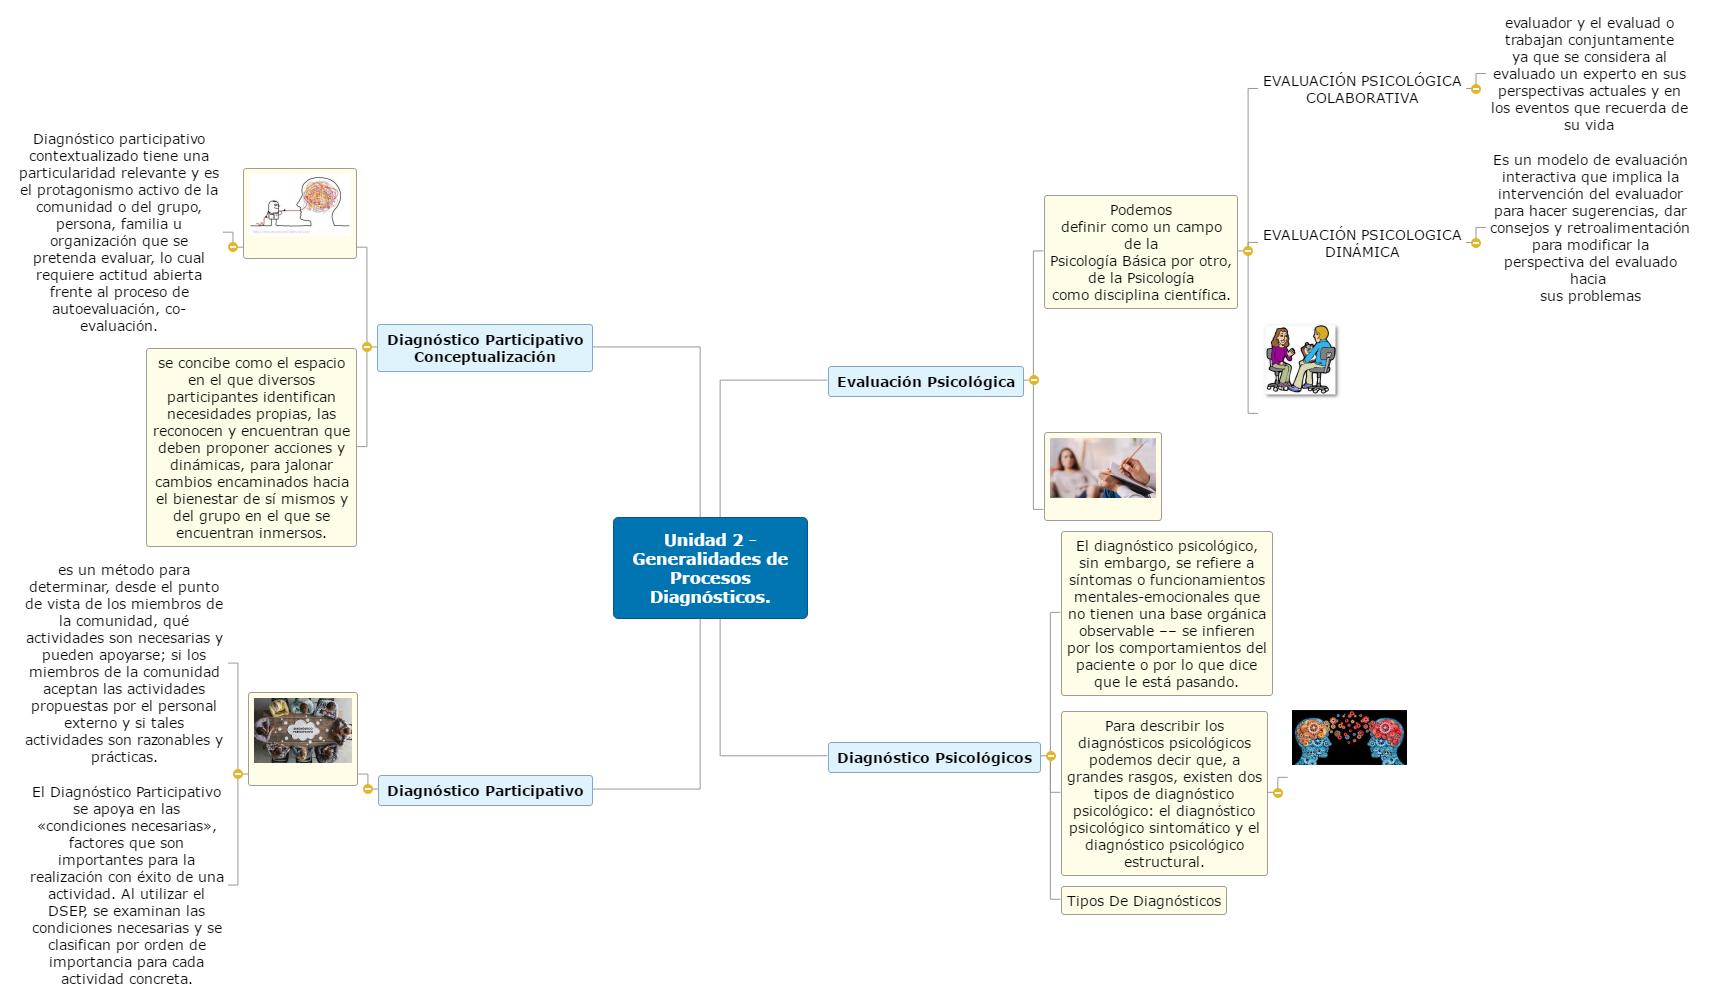 Unidad 2 - Generalidades de Procesos Diagnósticos. Mind Map